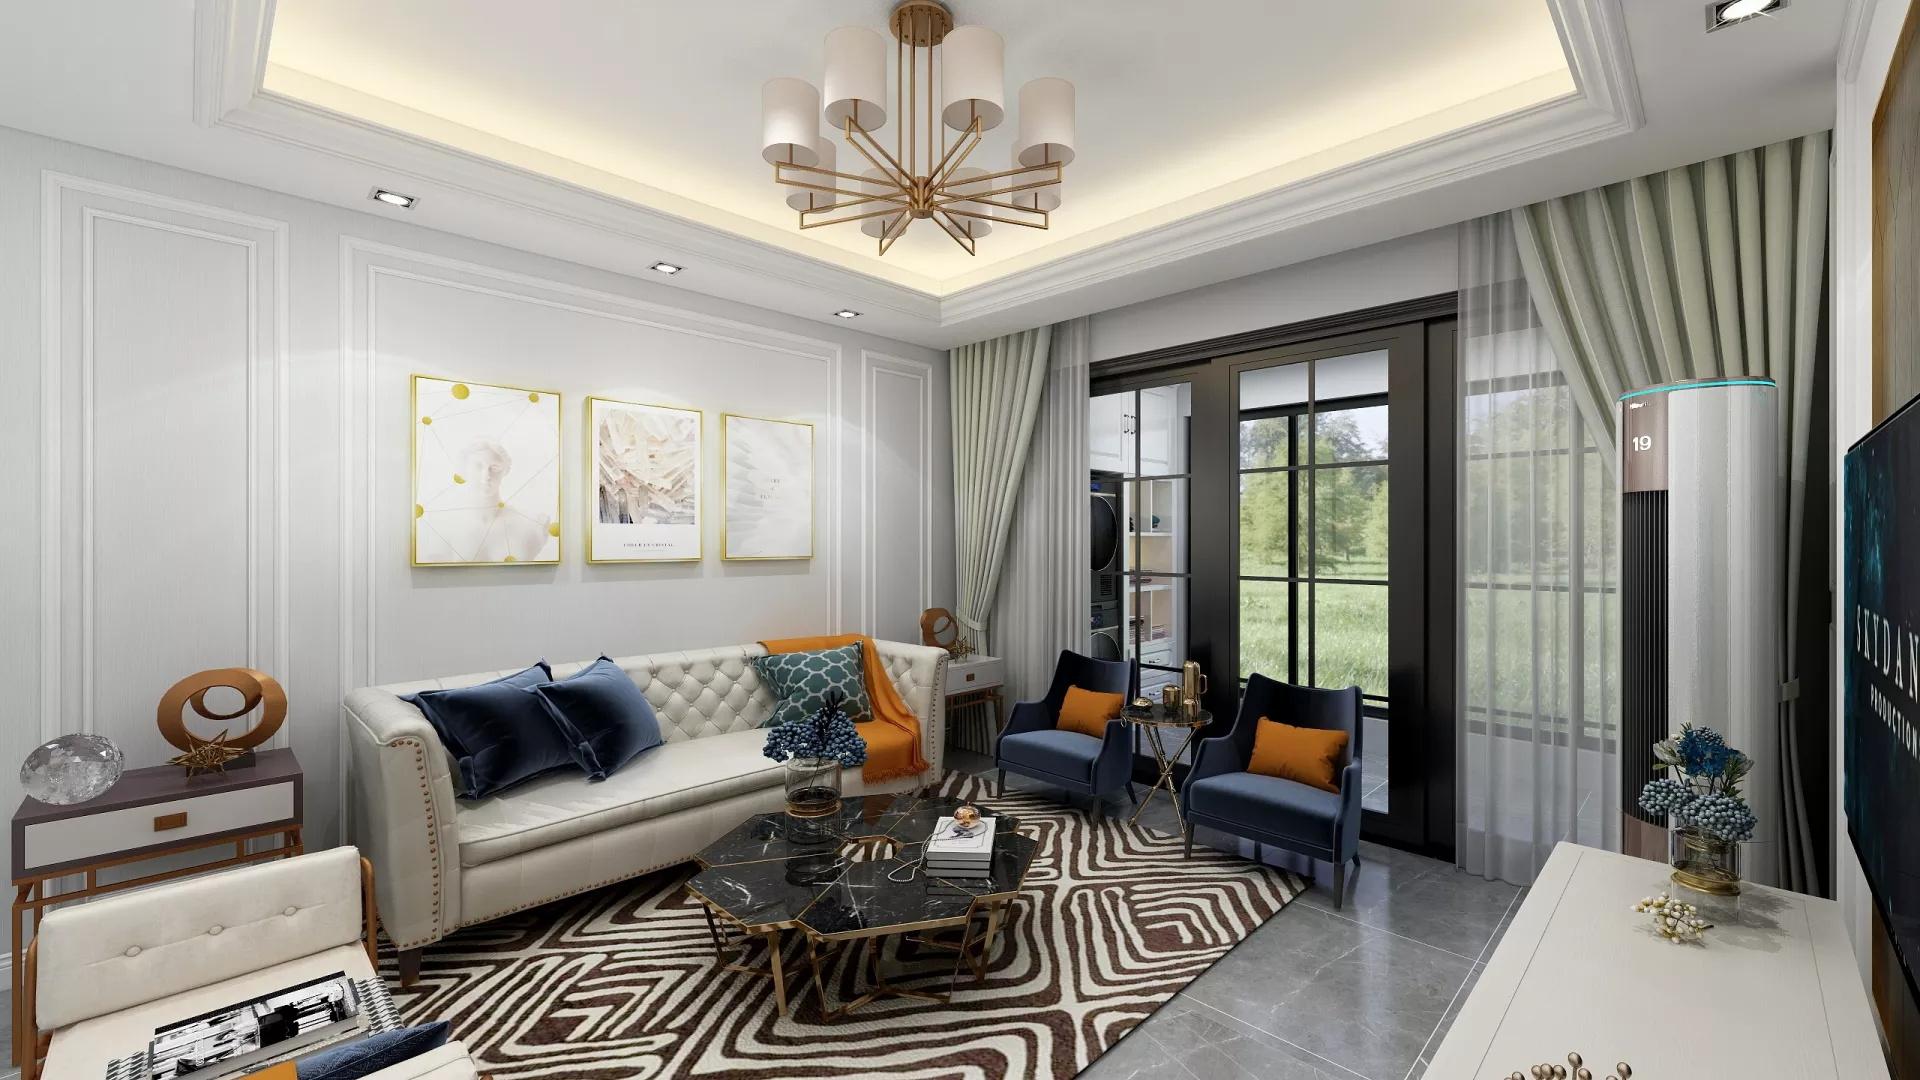 简约白色清新风格客厅装修效果图